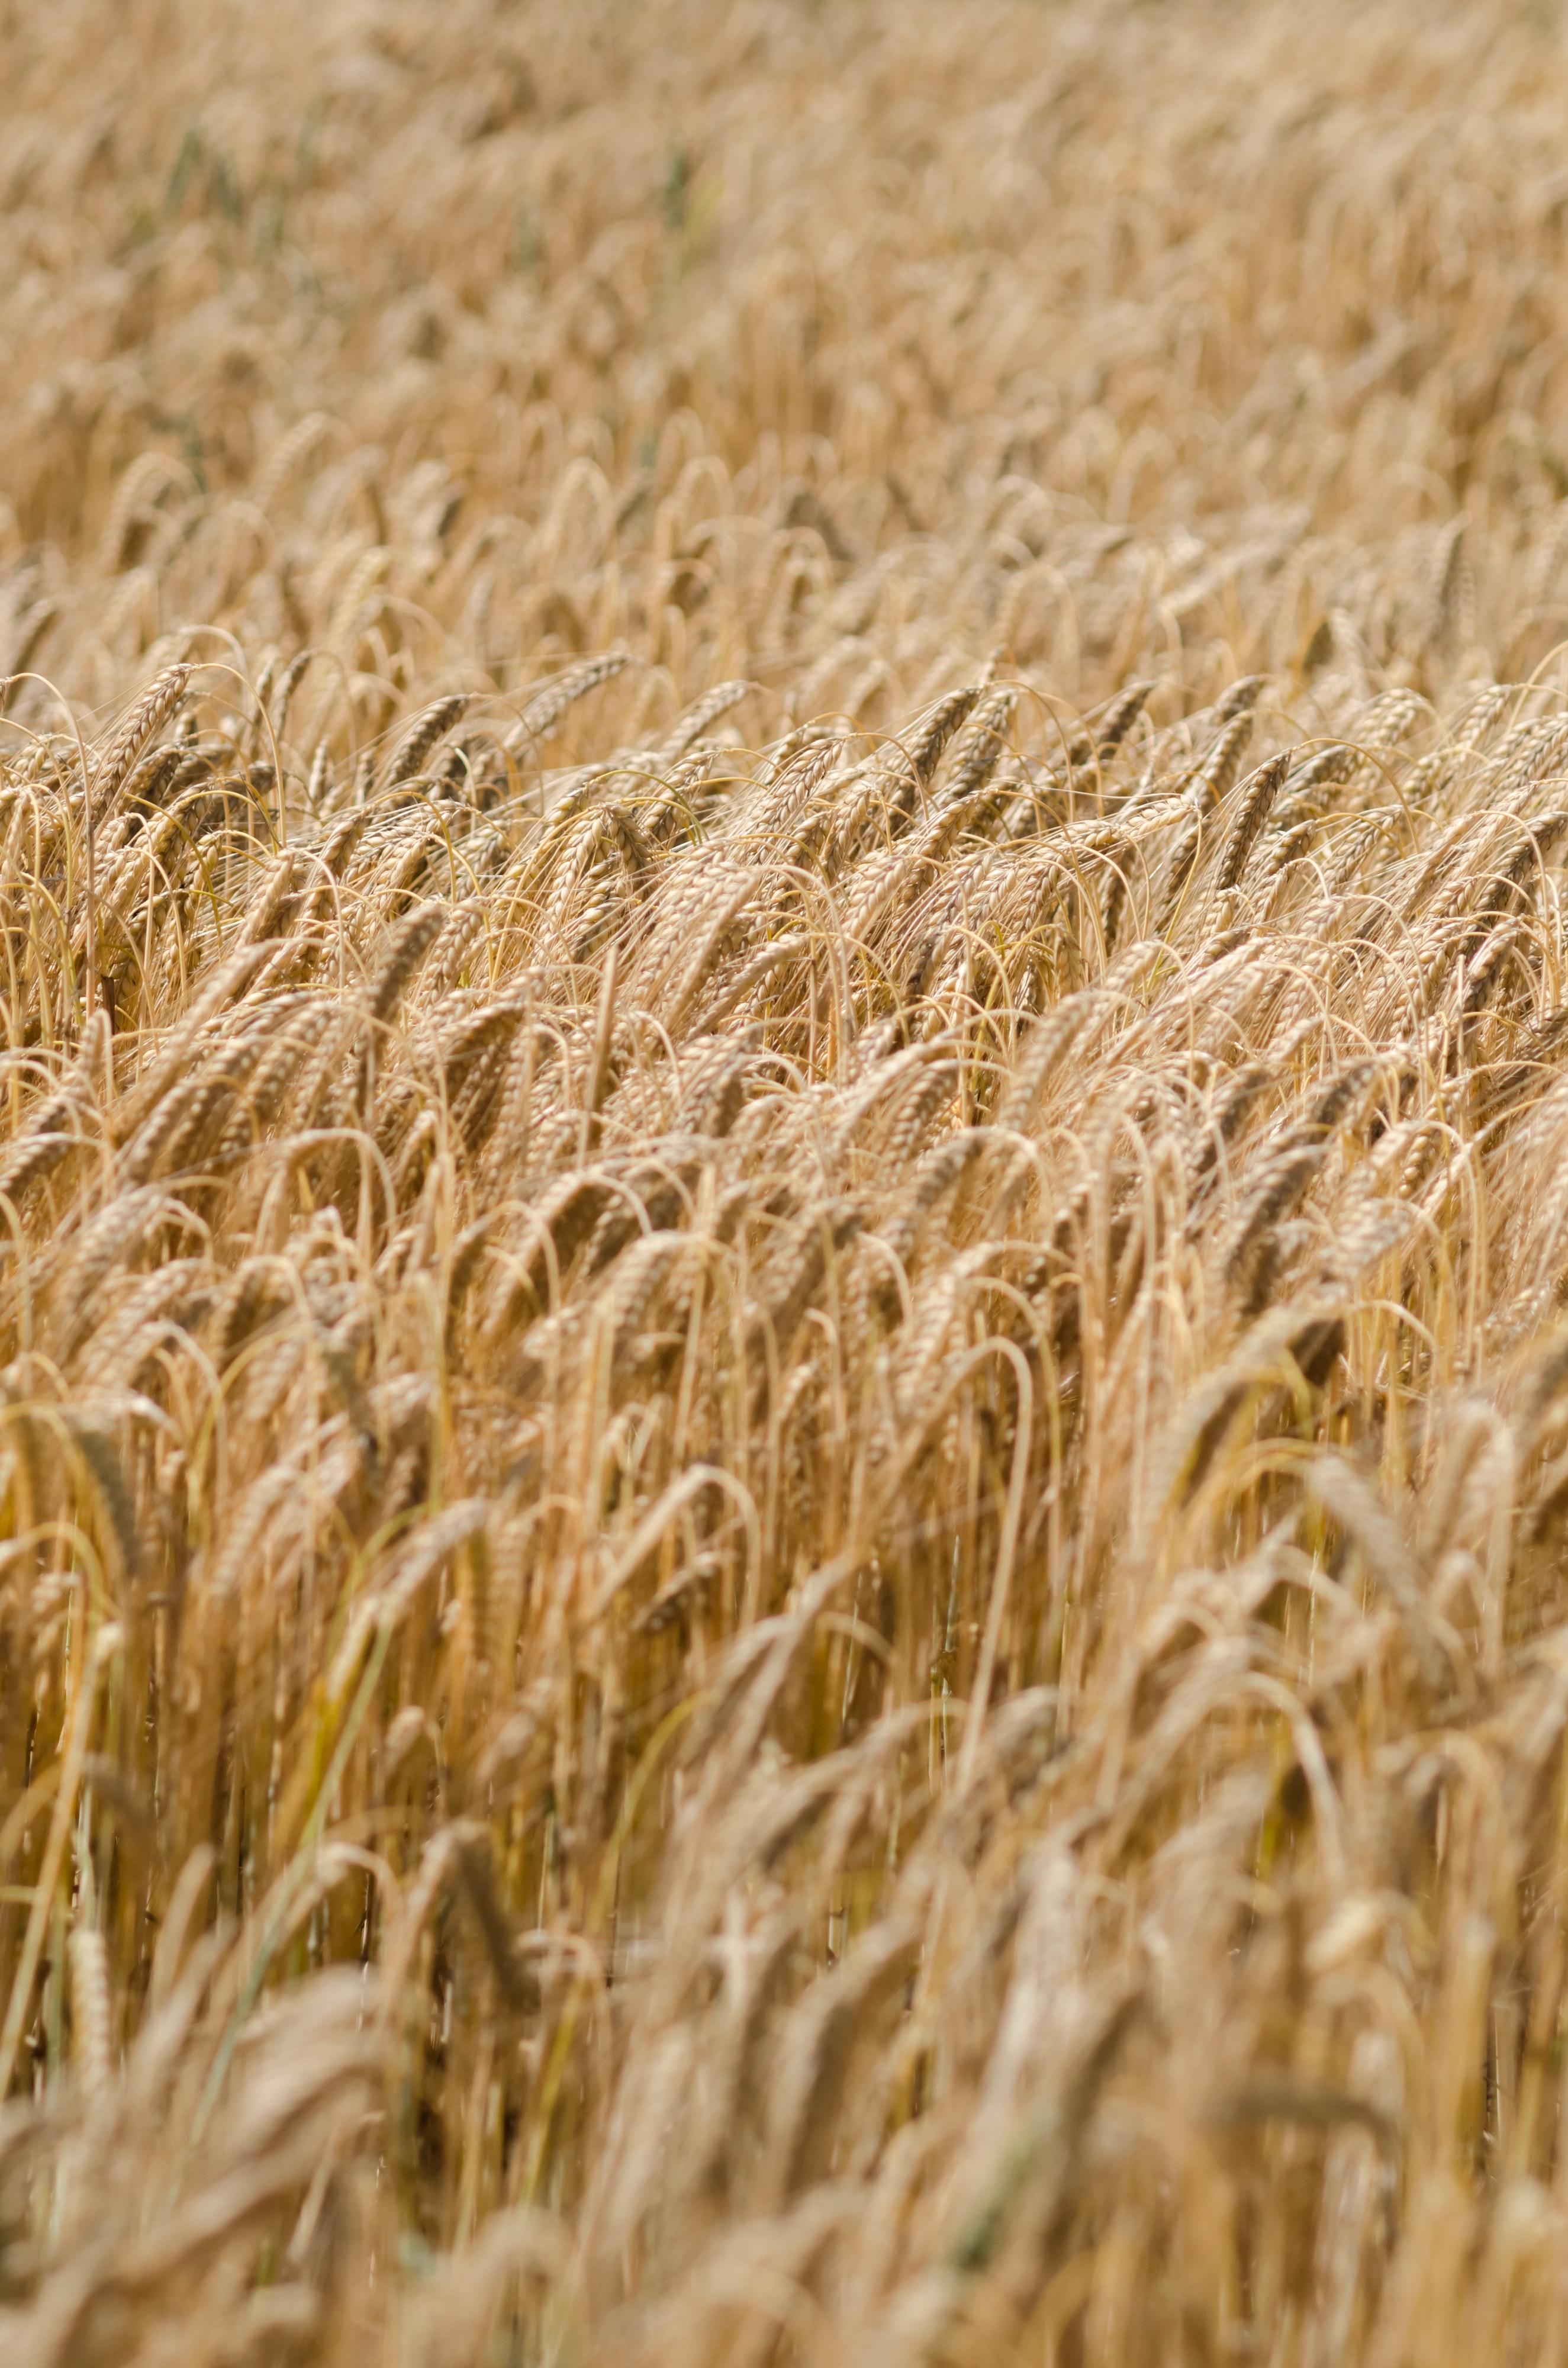 118636 скачать обои Природа, Колосья, Поле, Сухой, Пшеница - заставки и картинки бесплатно